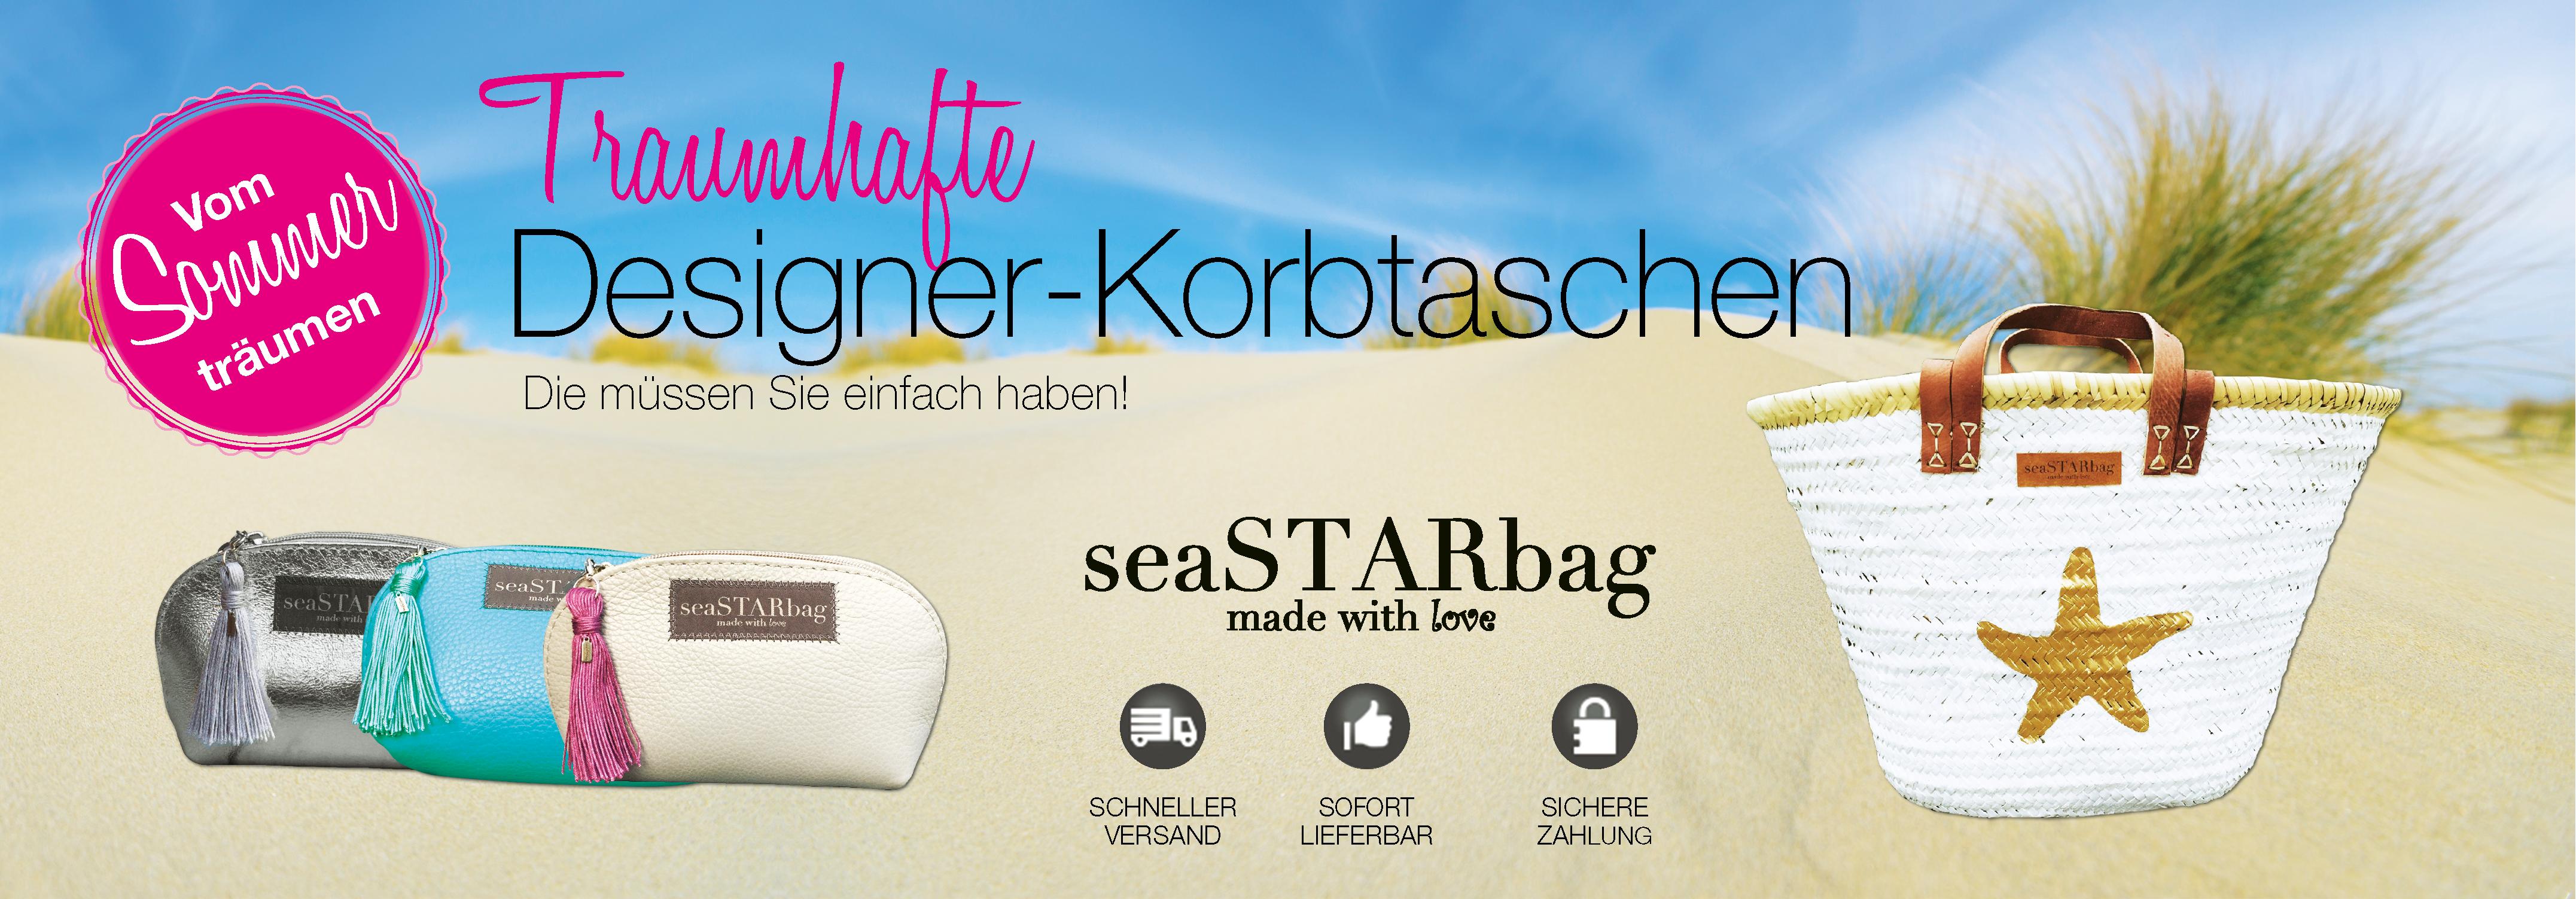 seaSTARbag